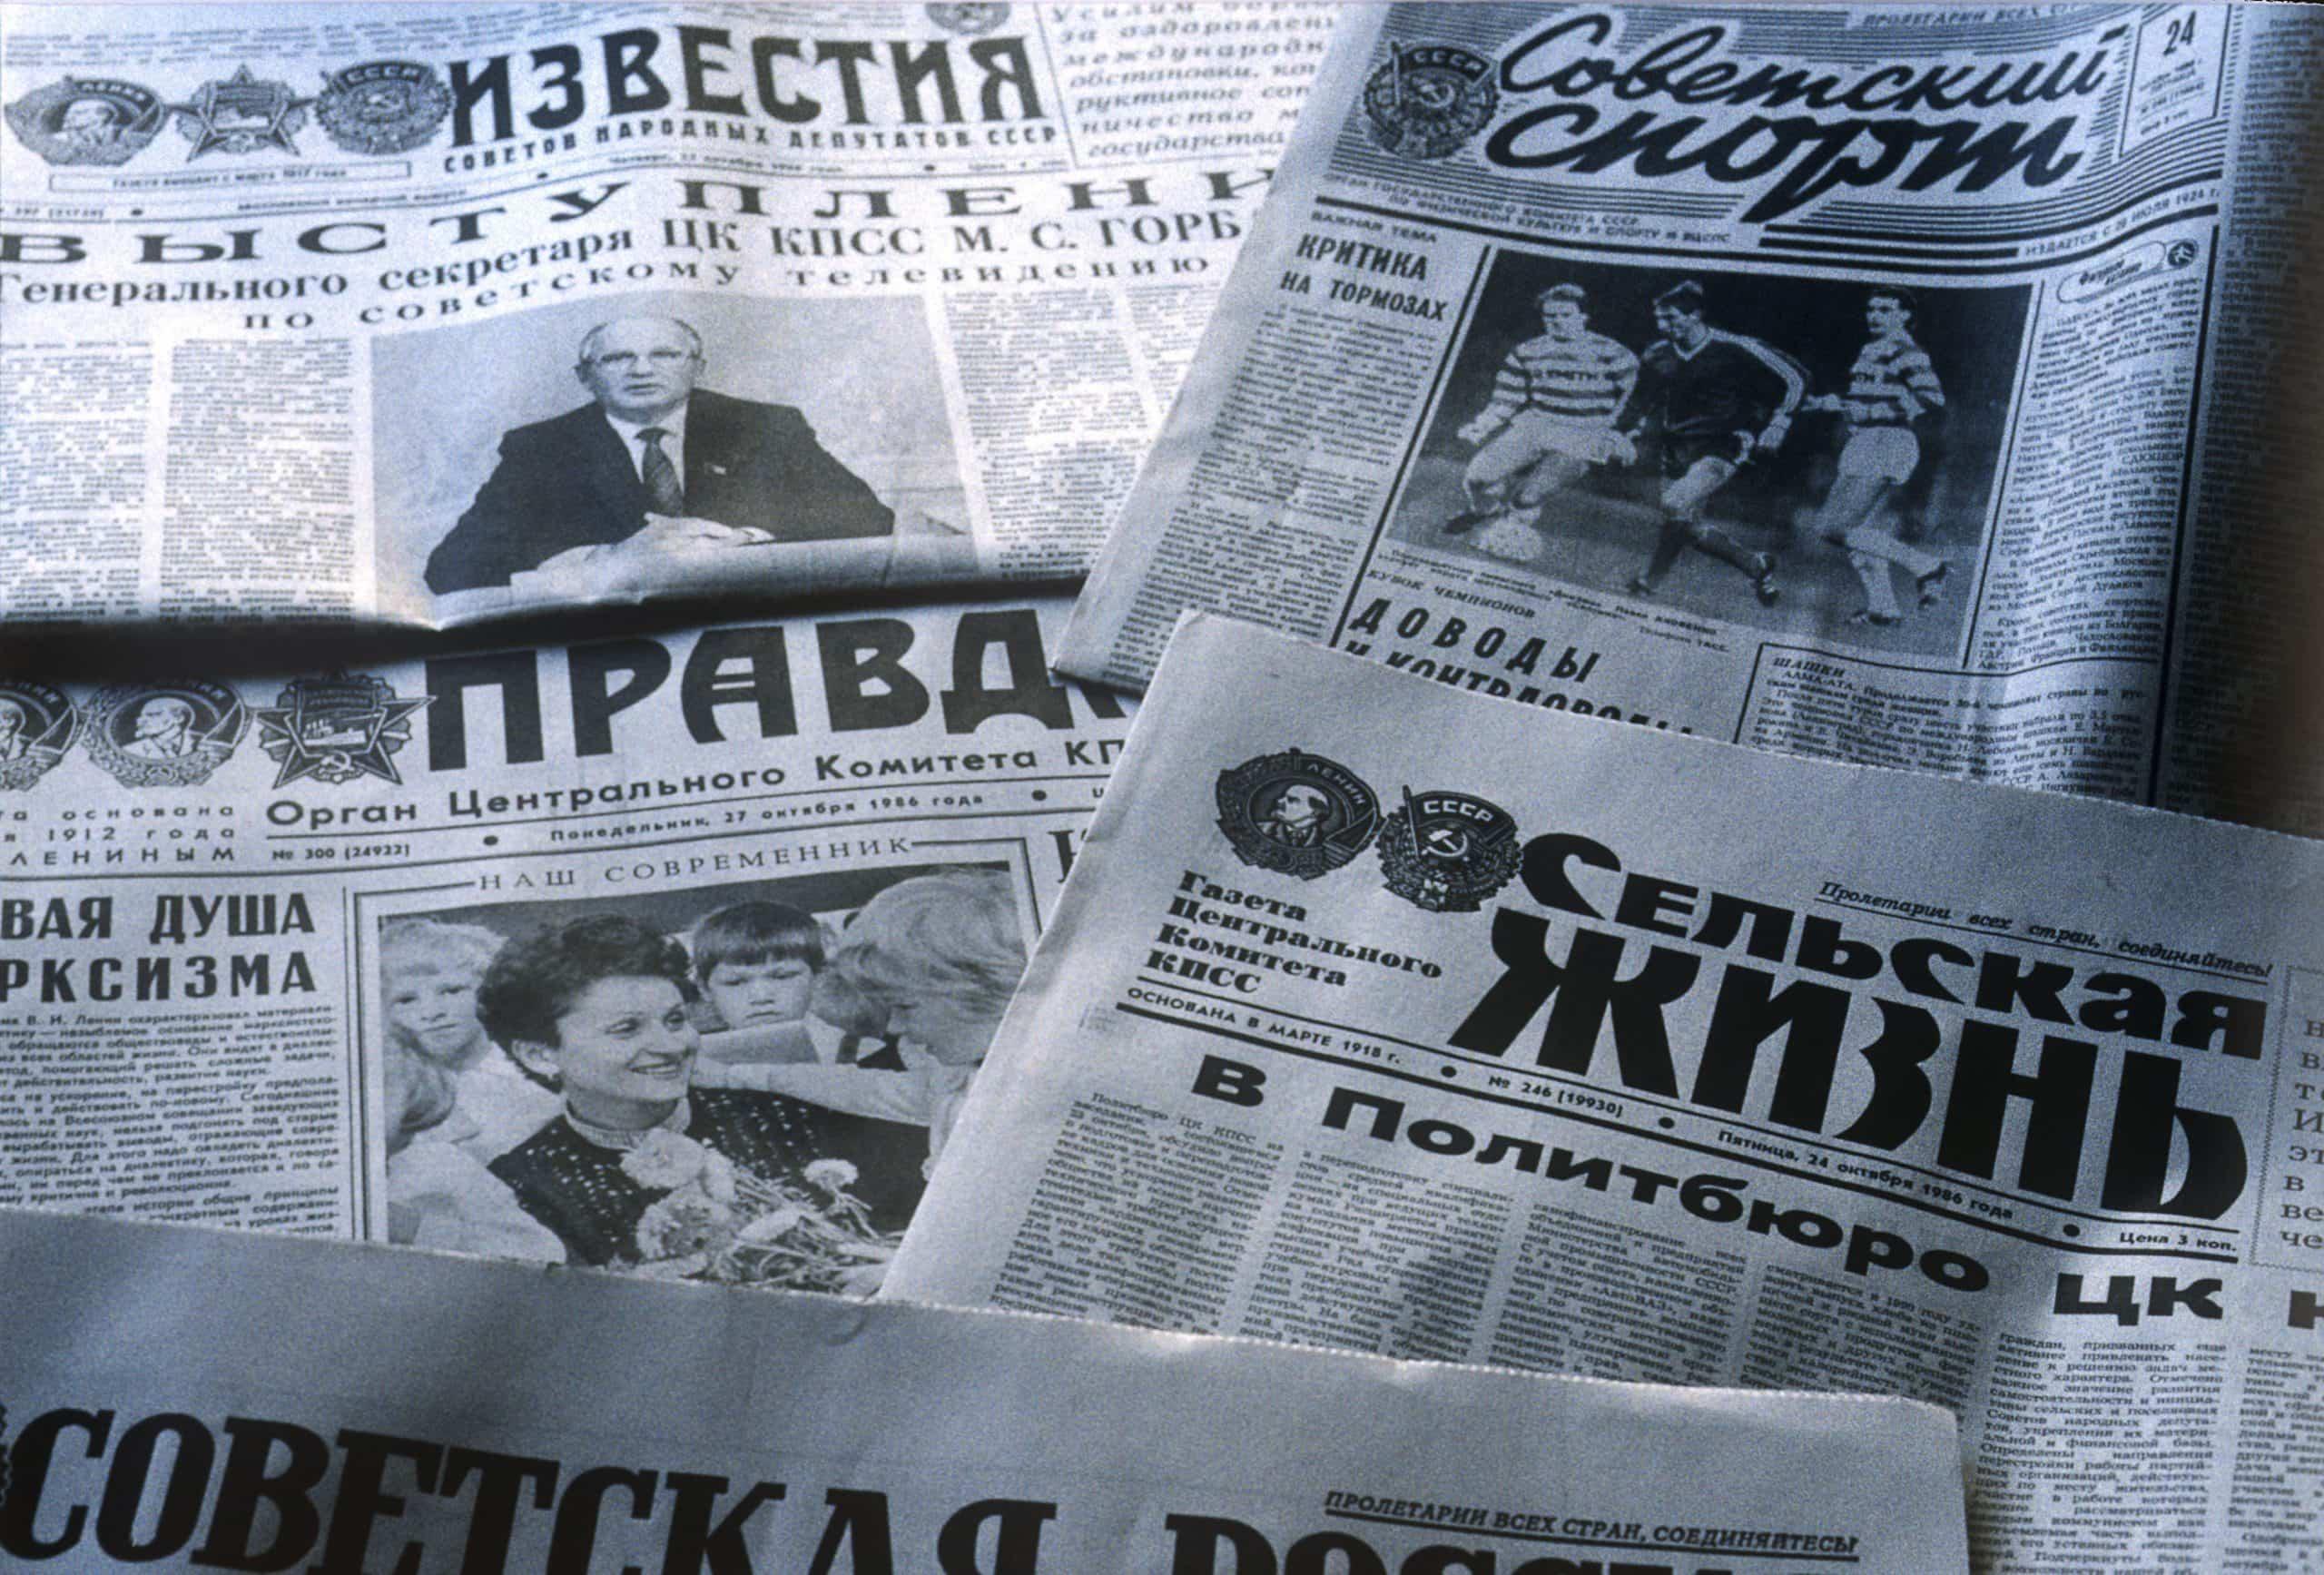 Тест о Советском Союзе: Жили ли вы в СССР? Тогда вы знаете эту периодику!